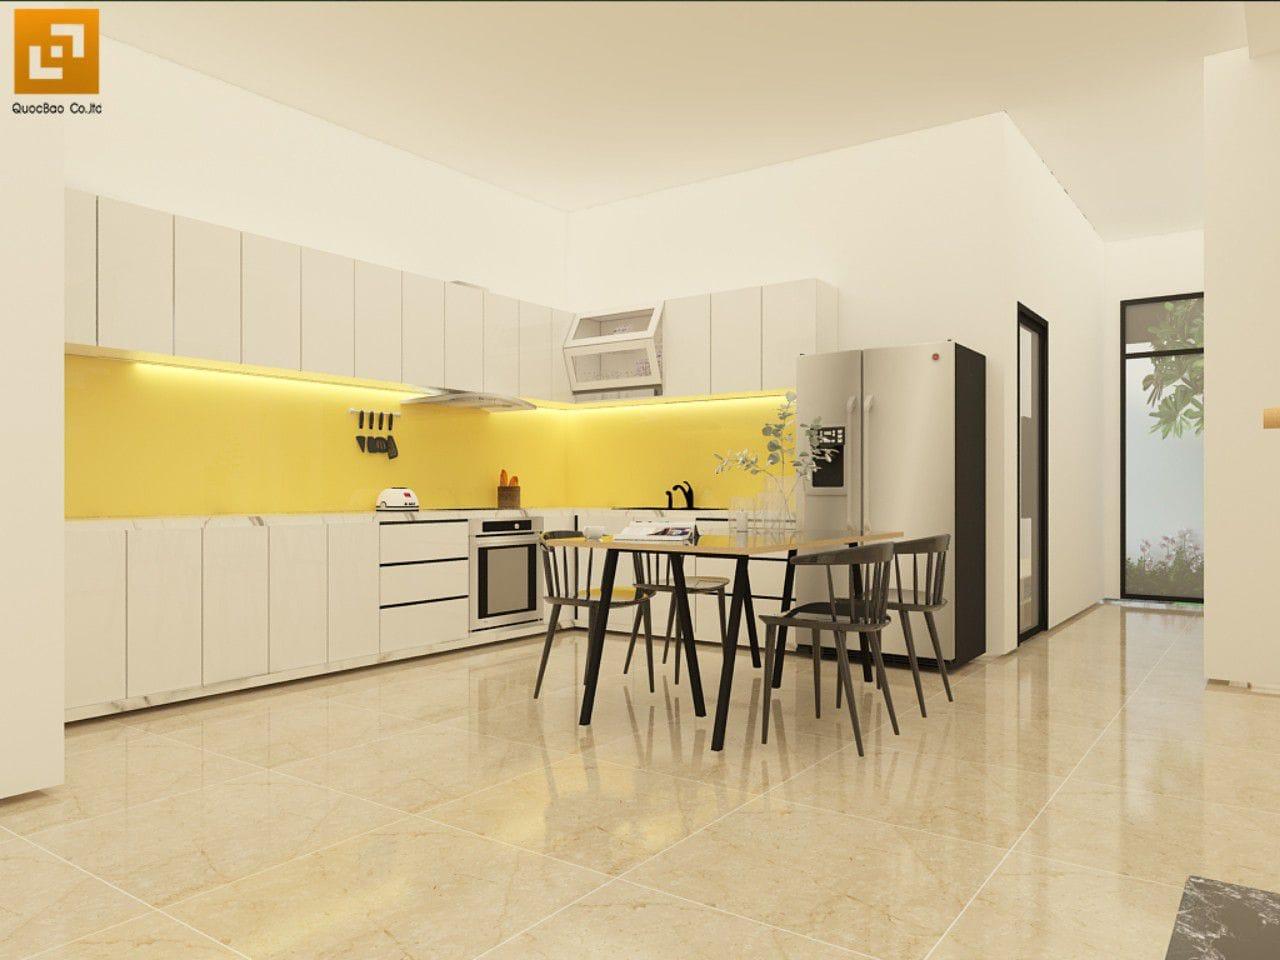 Nội thất phòng bếp nhà phố gia đình anh Giang - Biên Hòa